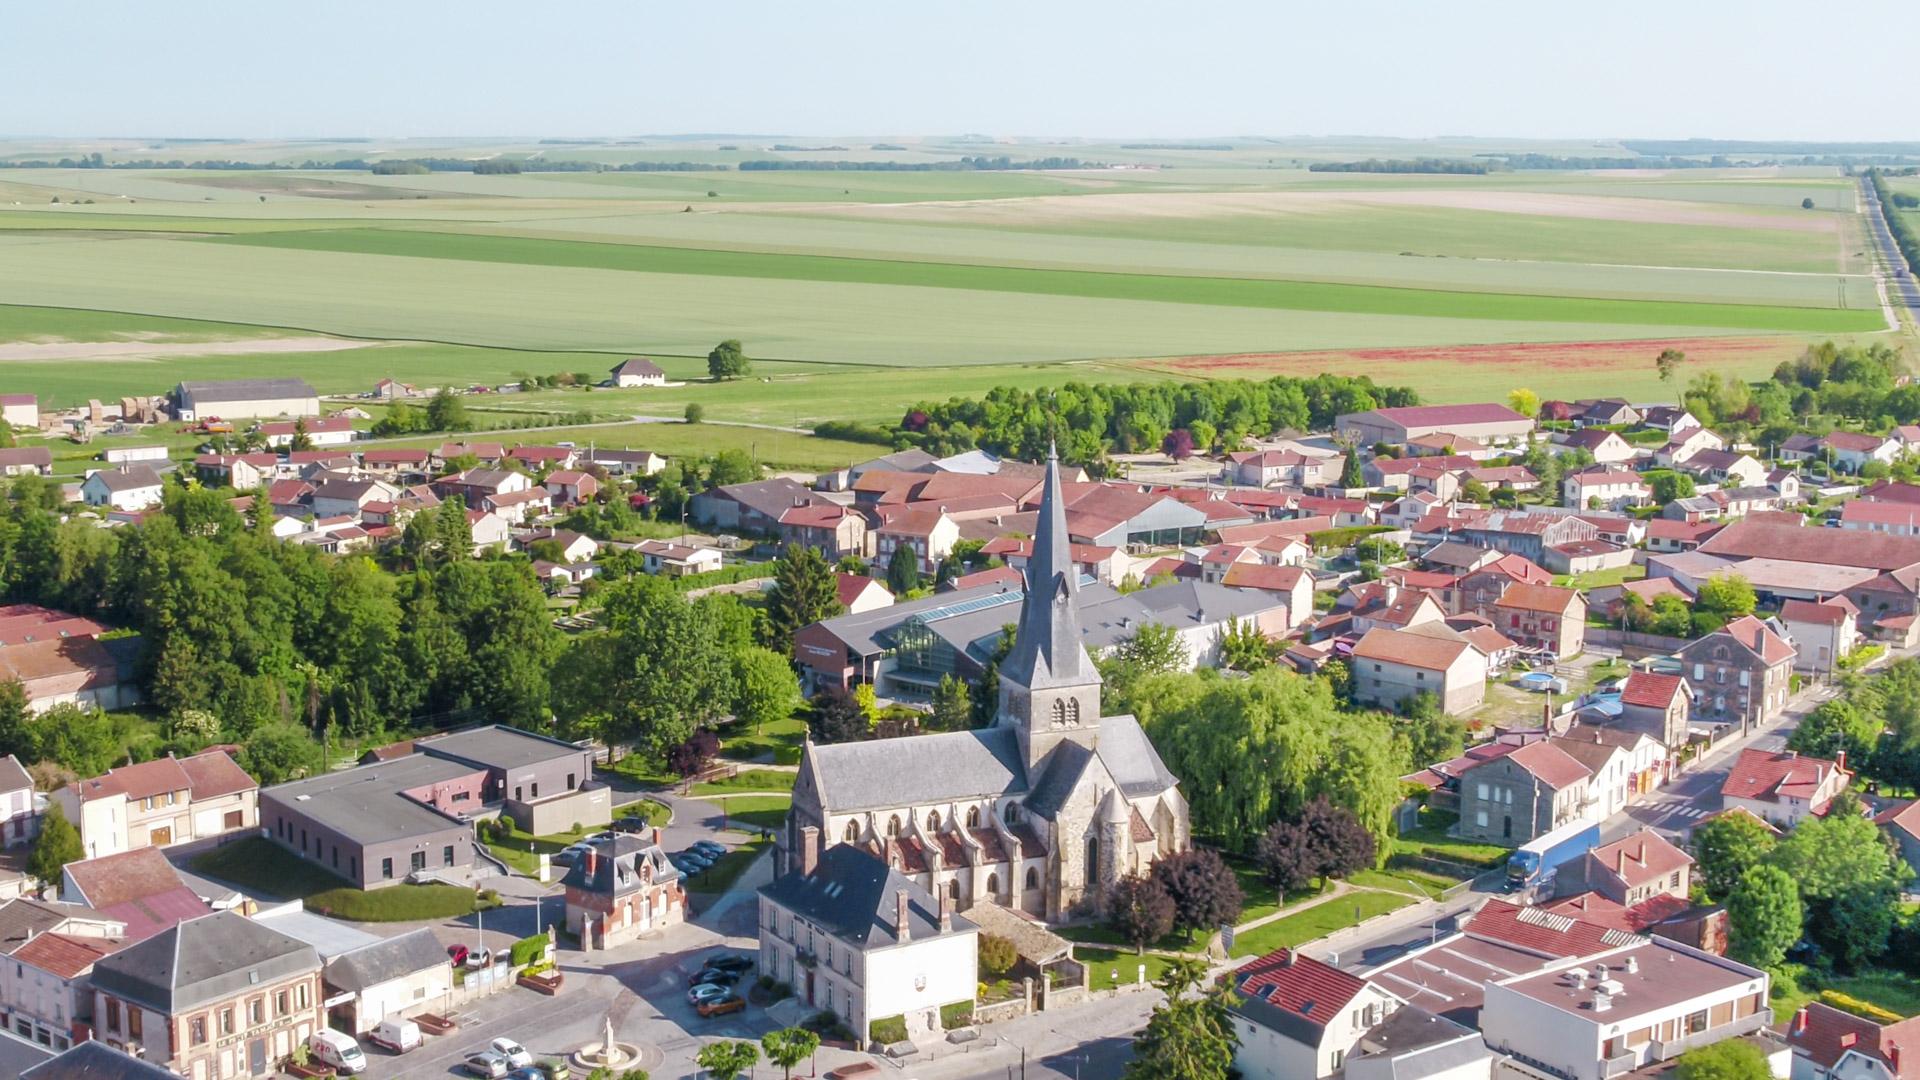 Suippes en image : Eglise et village